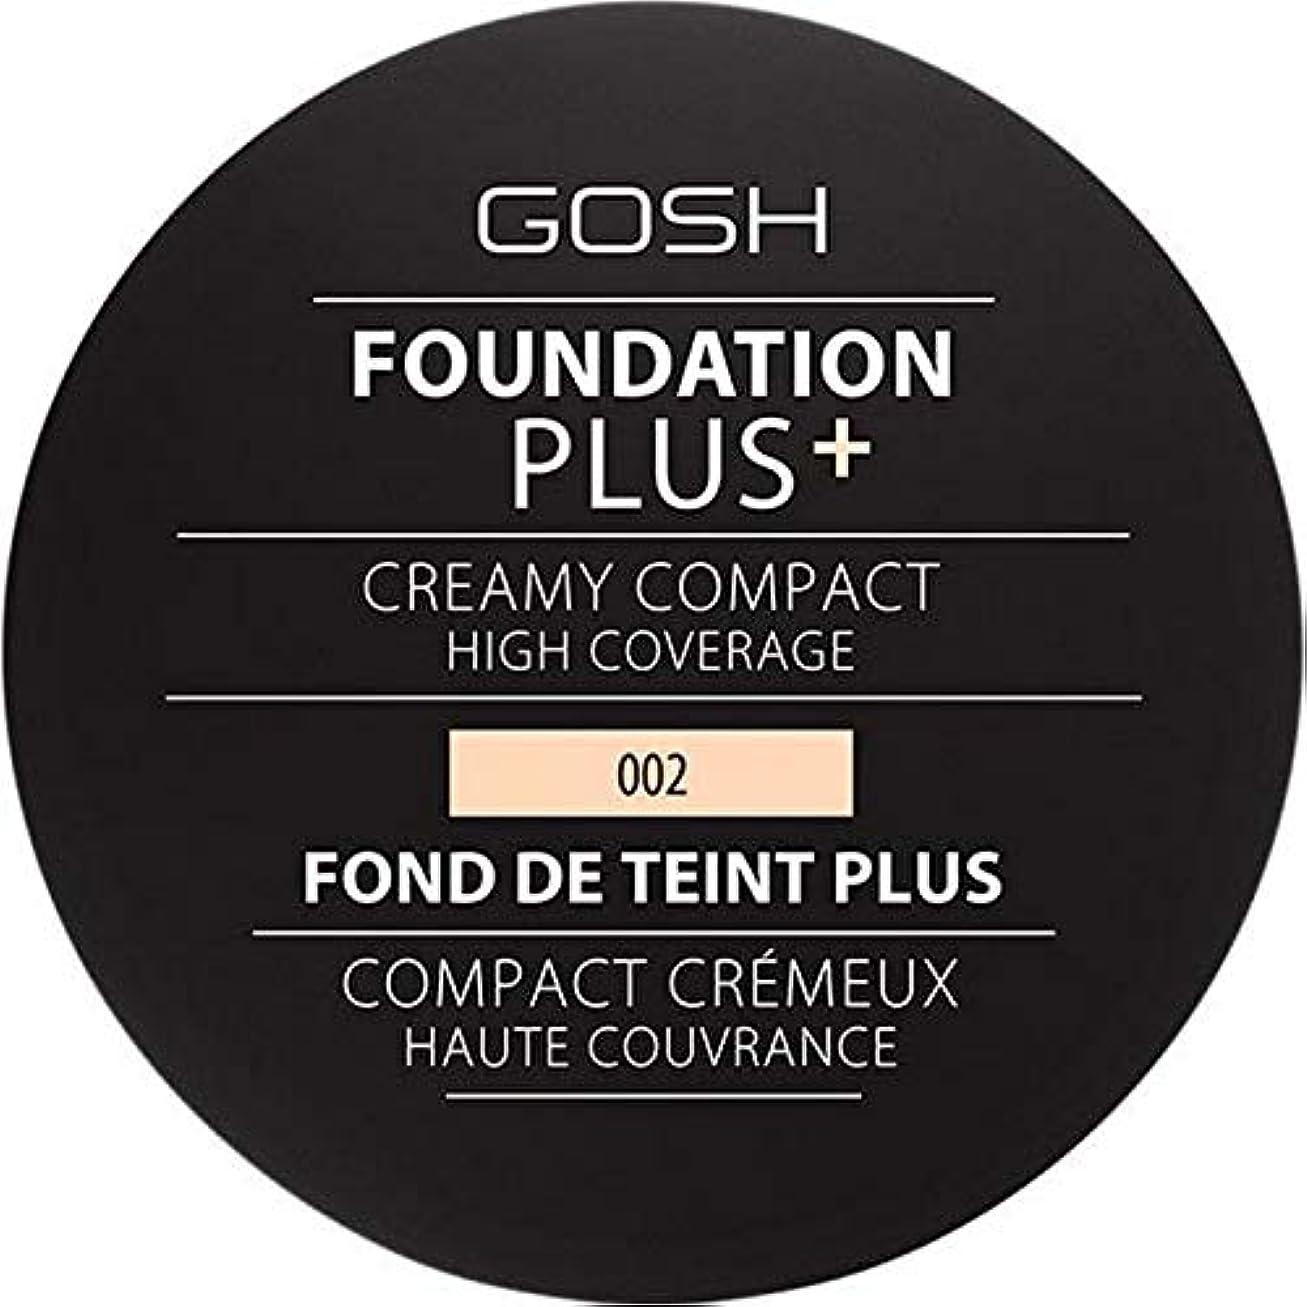 発見微視的のれん[GOSH ] 基礎プラス+クリーミーコンパクトアイボリー002 - Foundation Plus+ Creamy Compact Ivory 002 [並行輸入品]